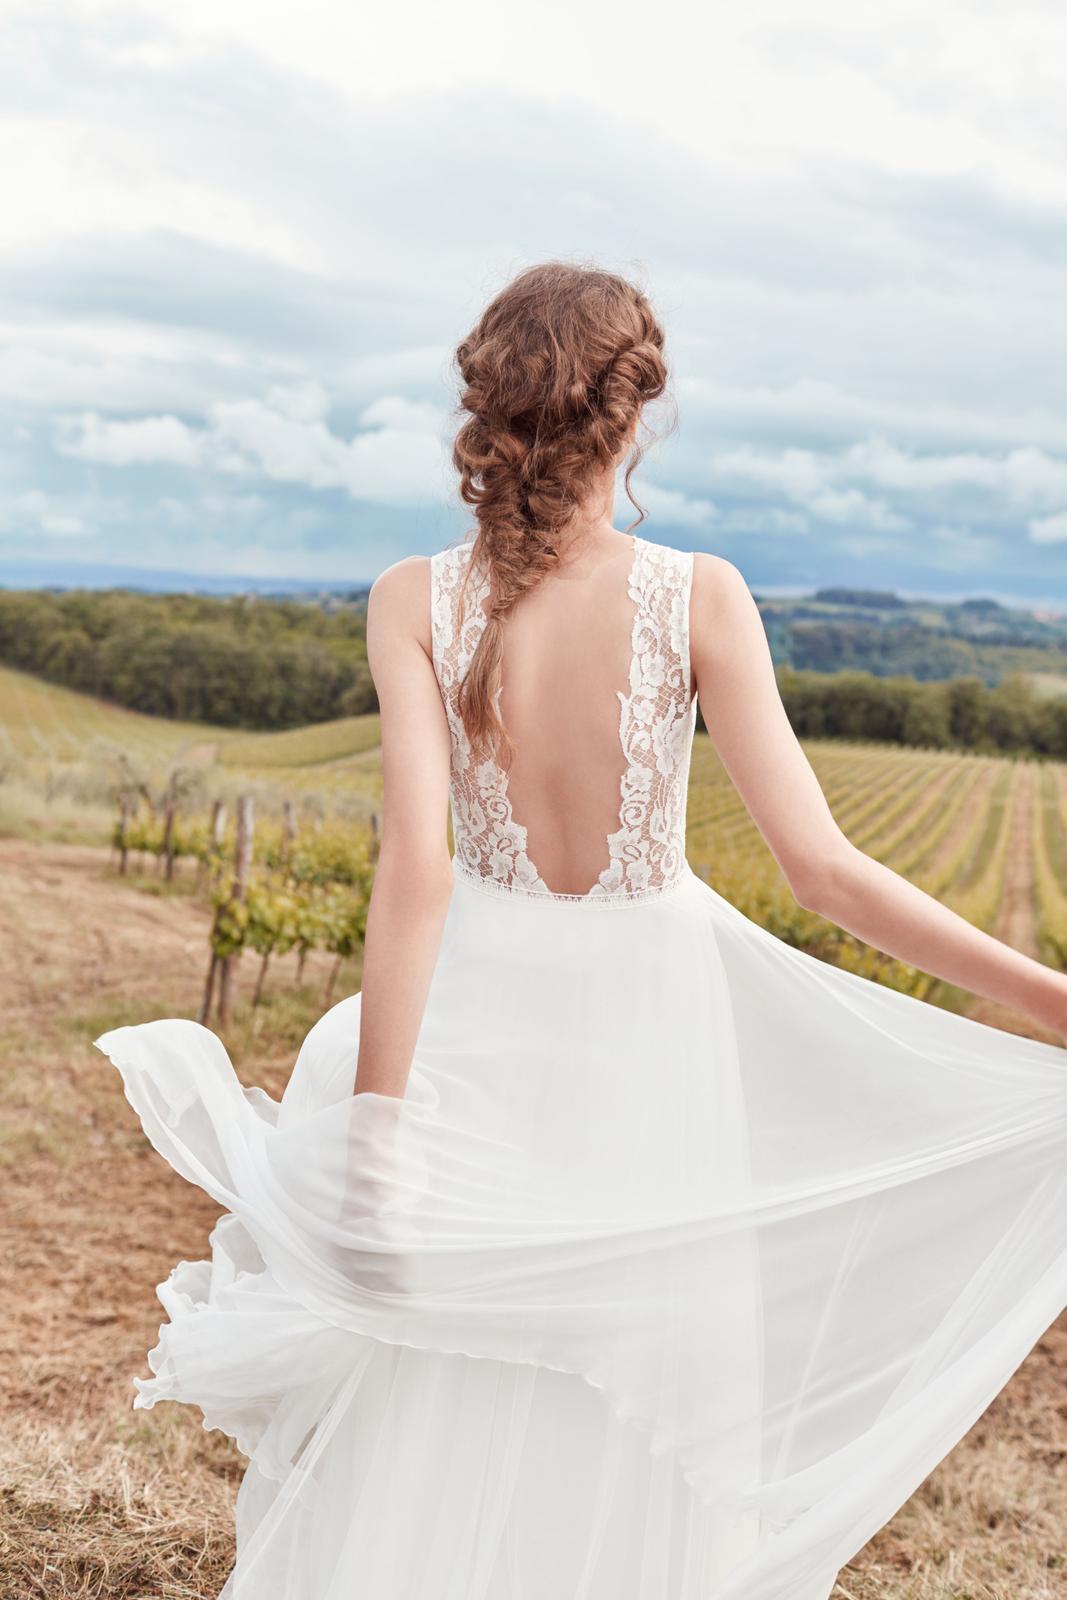 Anna Kara * Svadobné šaty z kolekcií na rok 2019 - Obrázok č. 67